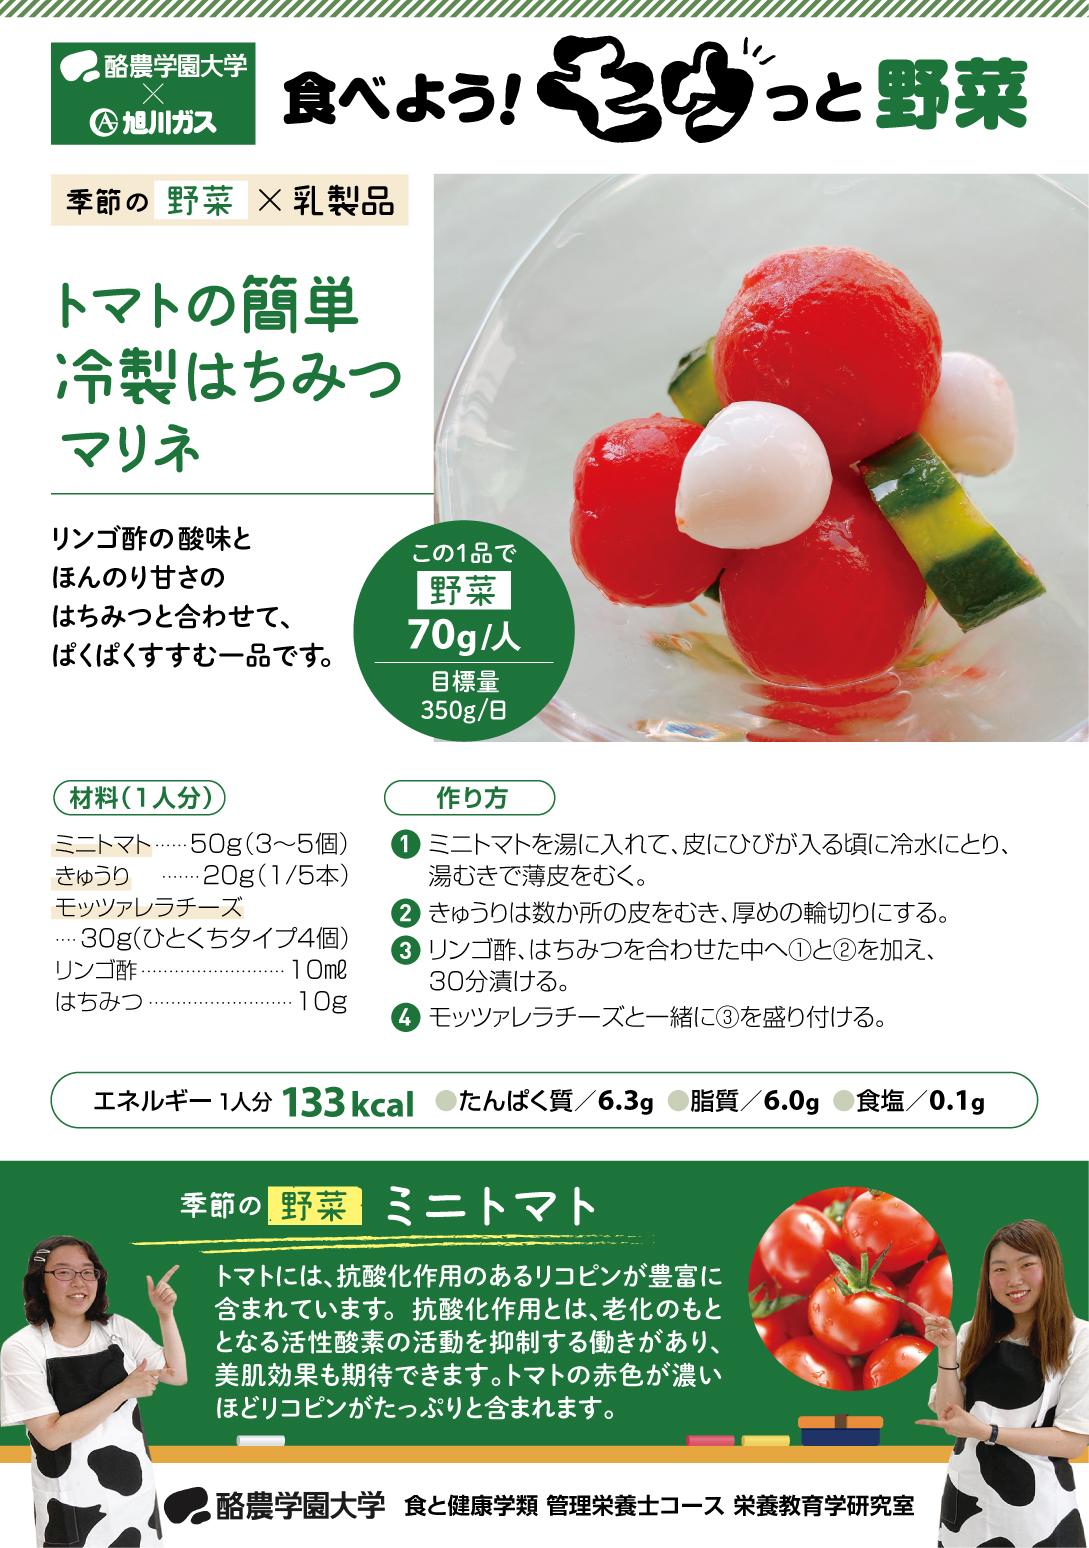 食べよう!モウっと野菜「トマトの簡単冷製はちみつマリネ」(ガスだより「ほっと」8月号より)